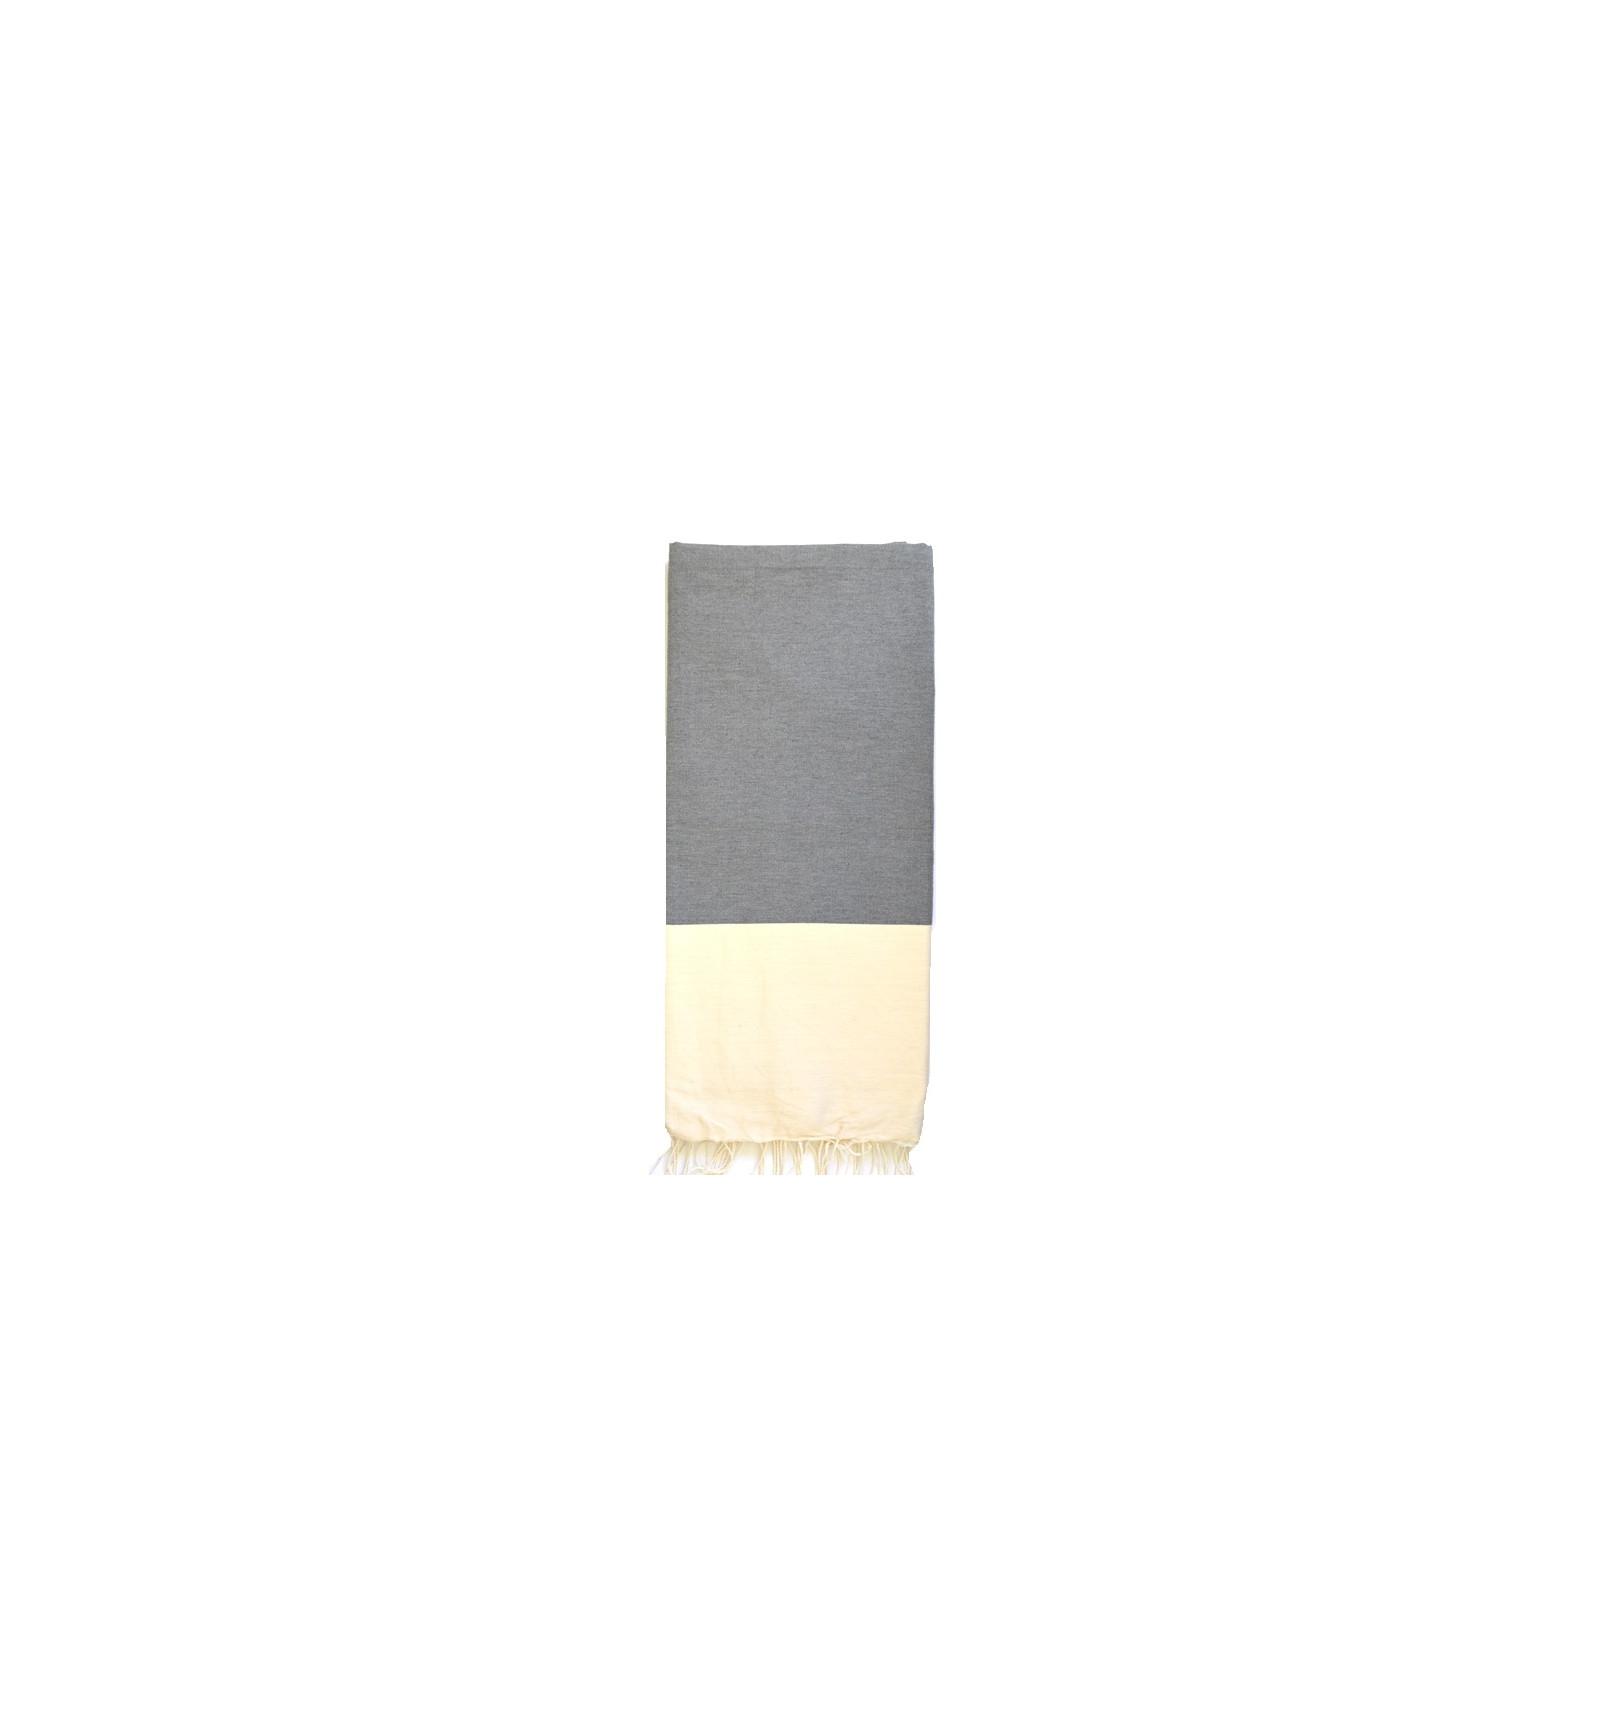 Olohuoneen Sohva : Yo sohva harmaa: 200 x 300 cm